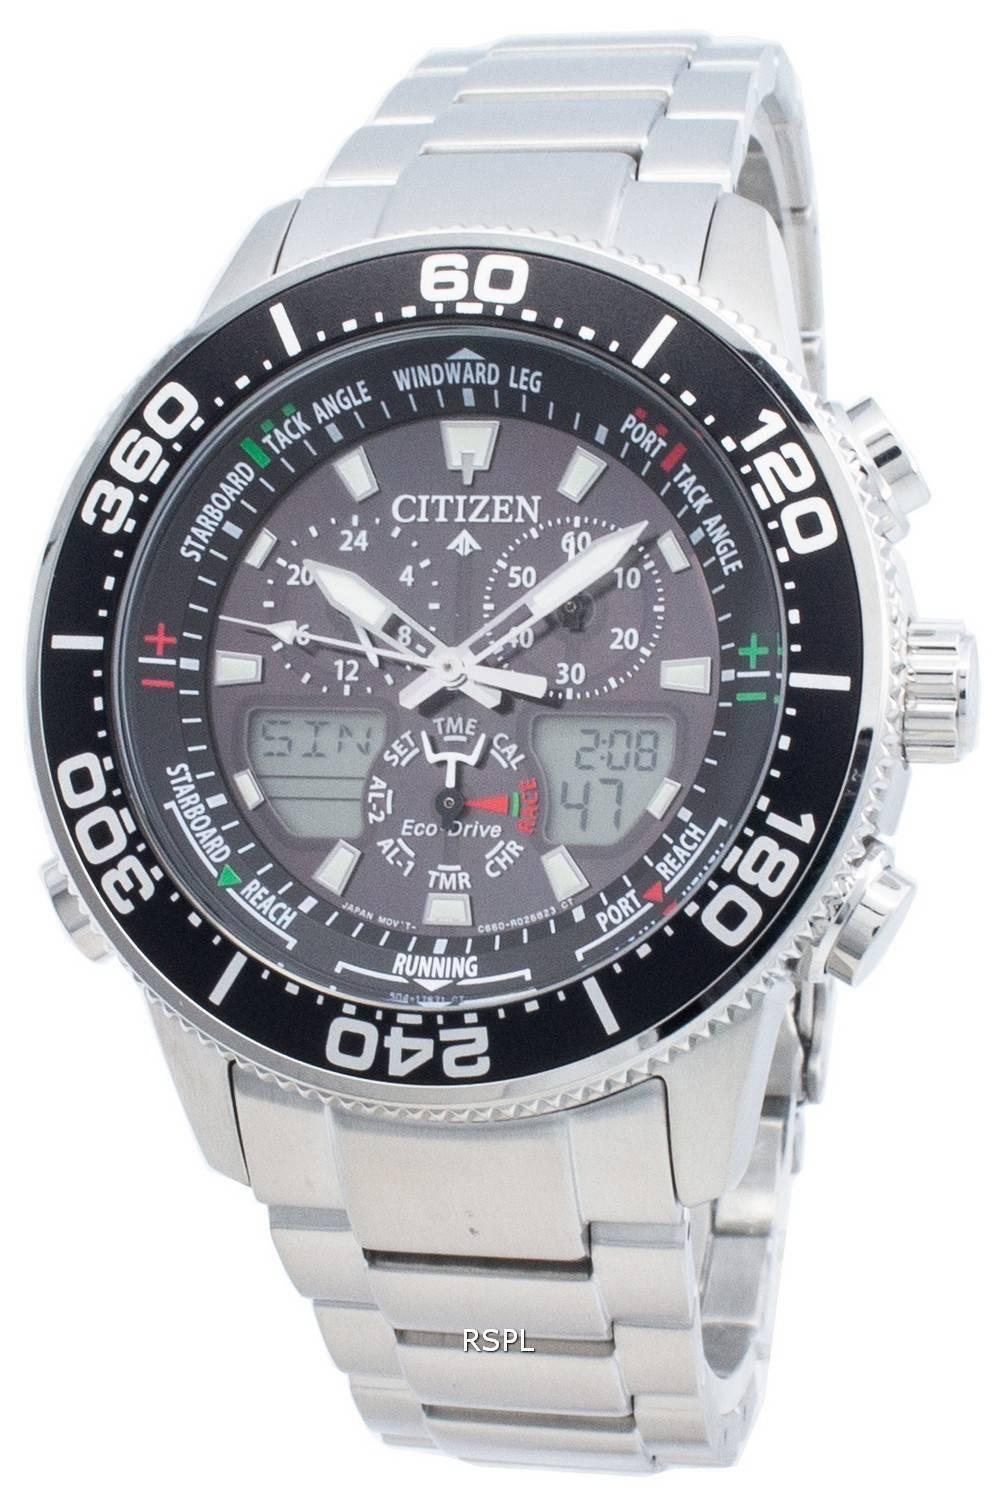 Citizen PROMASTER Marine Eco-Drive JR4060-88E Chronograph 200M miesten kello